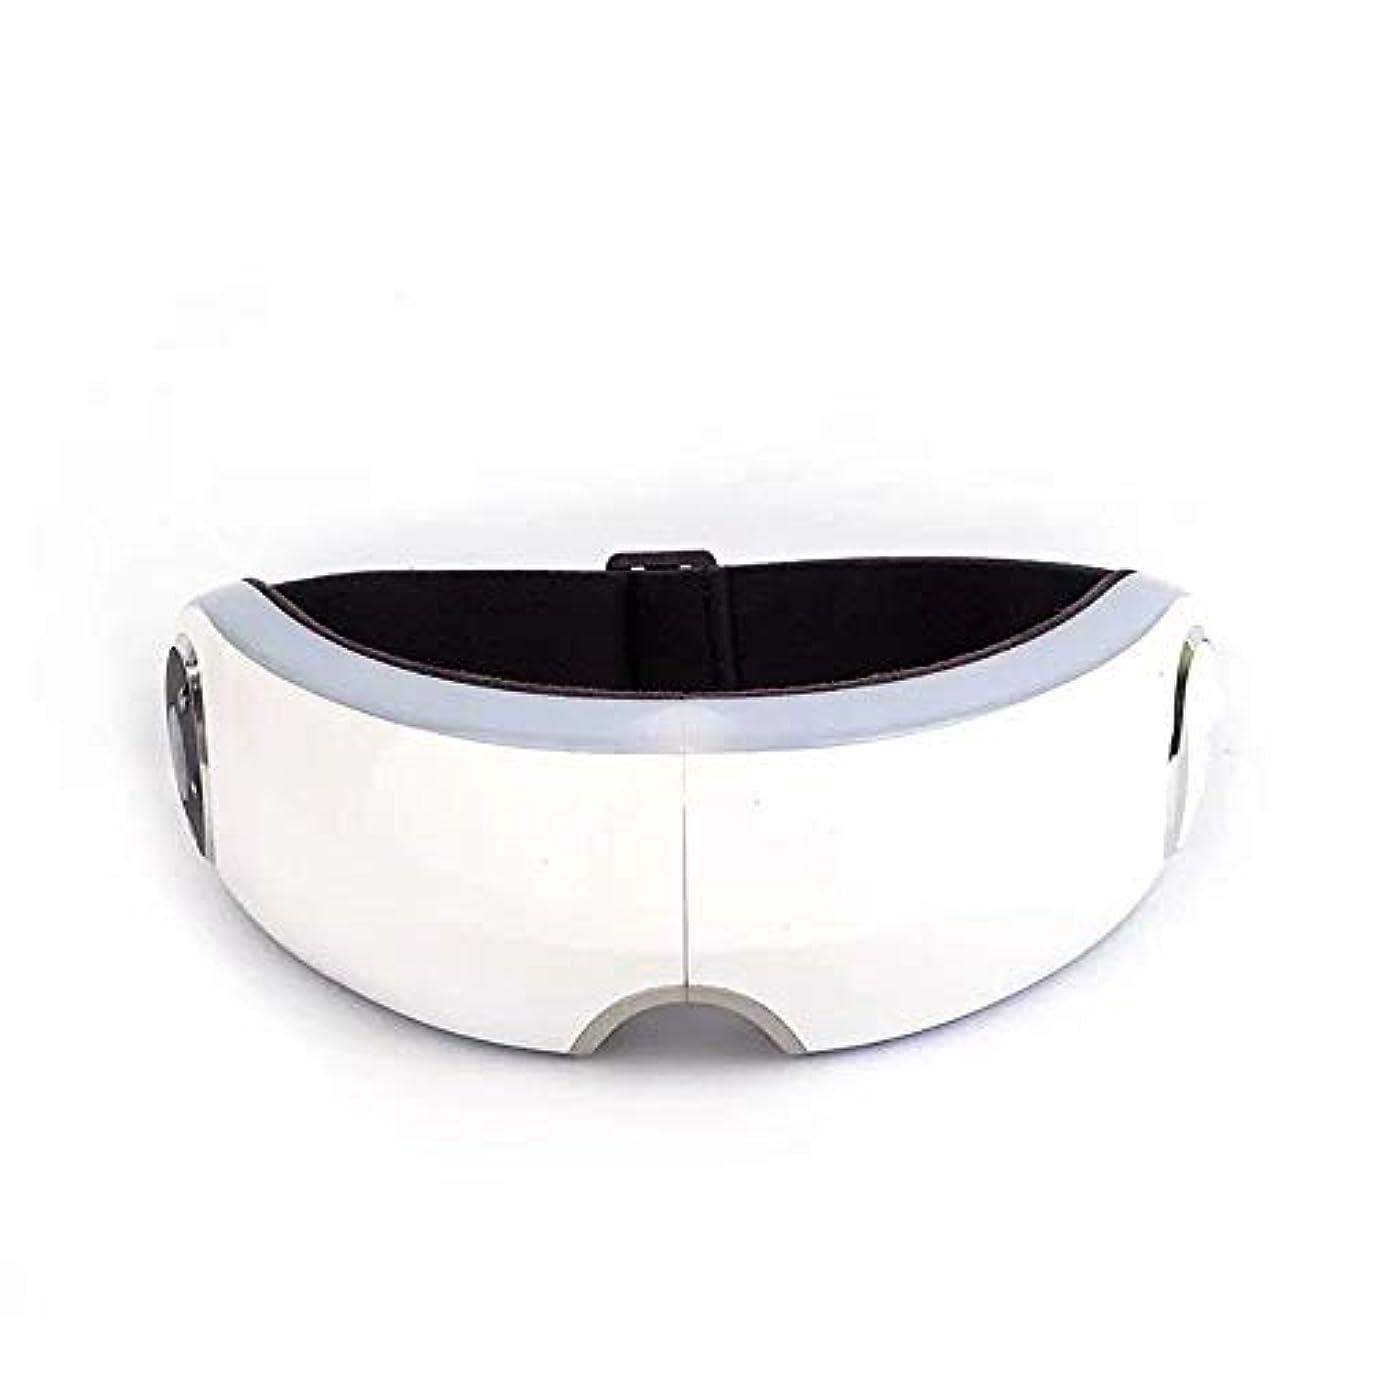 率直なインチ灰Vc 女性のファッションアイマッサージャー充電式アイプロテクタービジョントレーナー高品質アイプロテクタースマートマッサージャー 品質保証